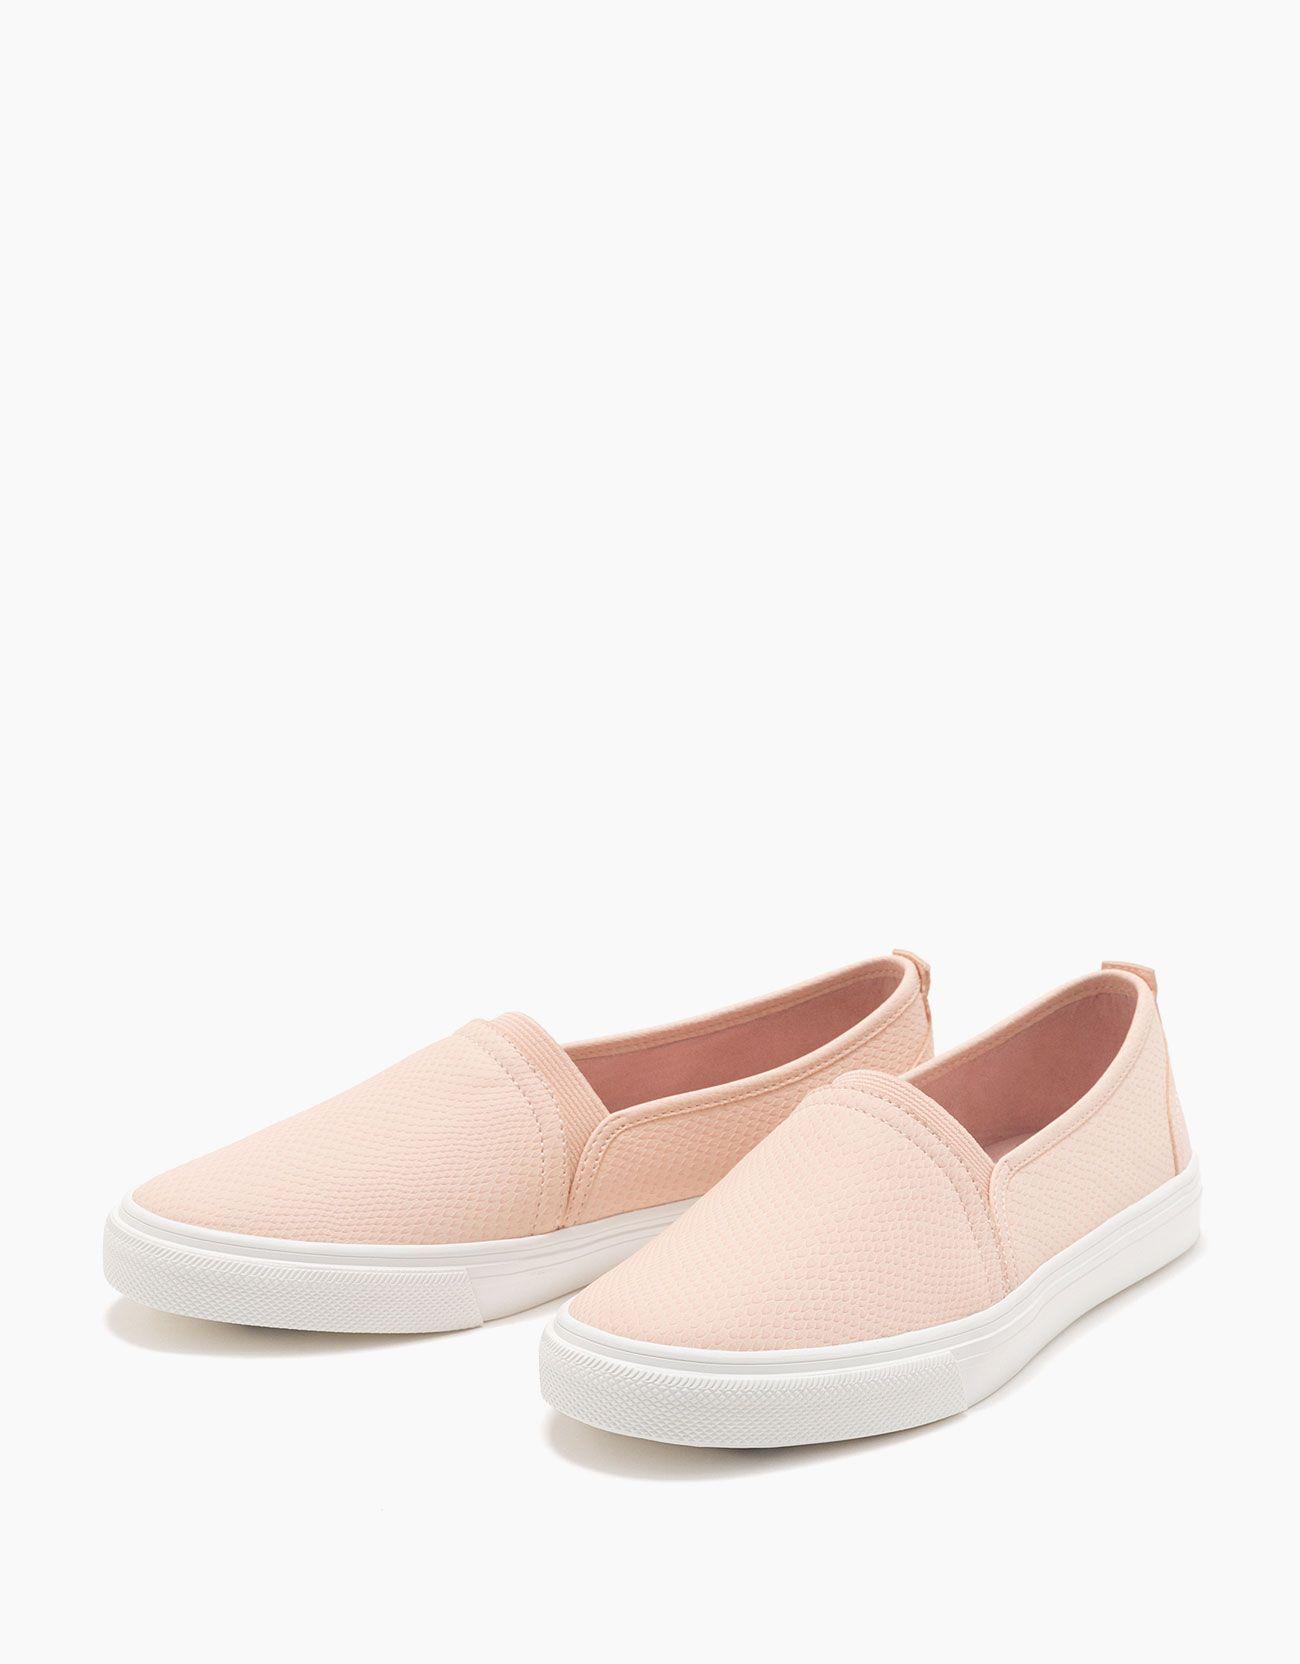 ac995c0b050c Zapatilla sin cordones grabada | sneakers | Zapatos, Zapatillas y ...